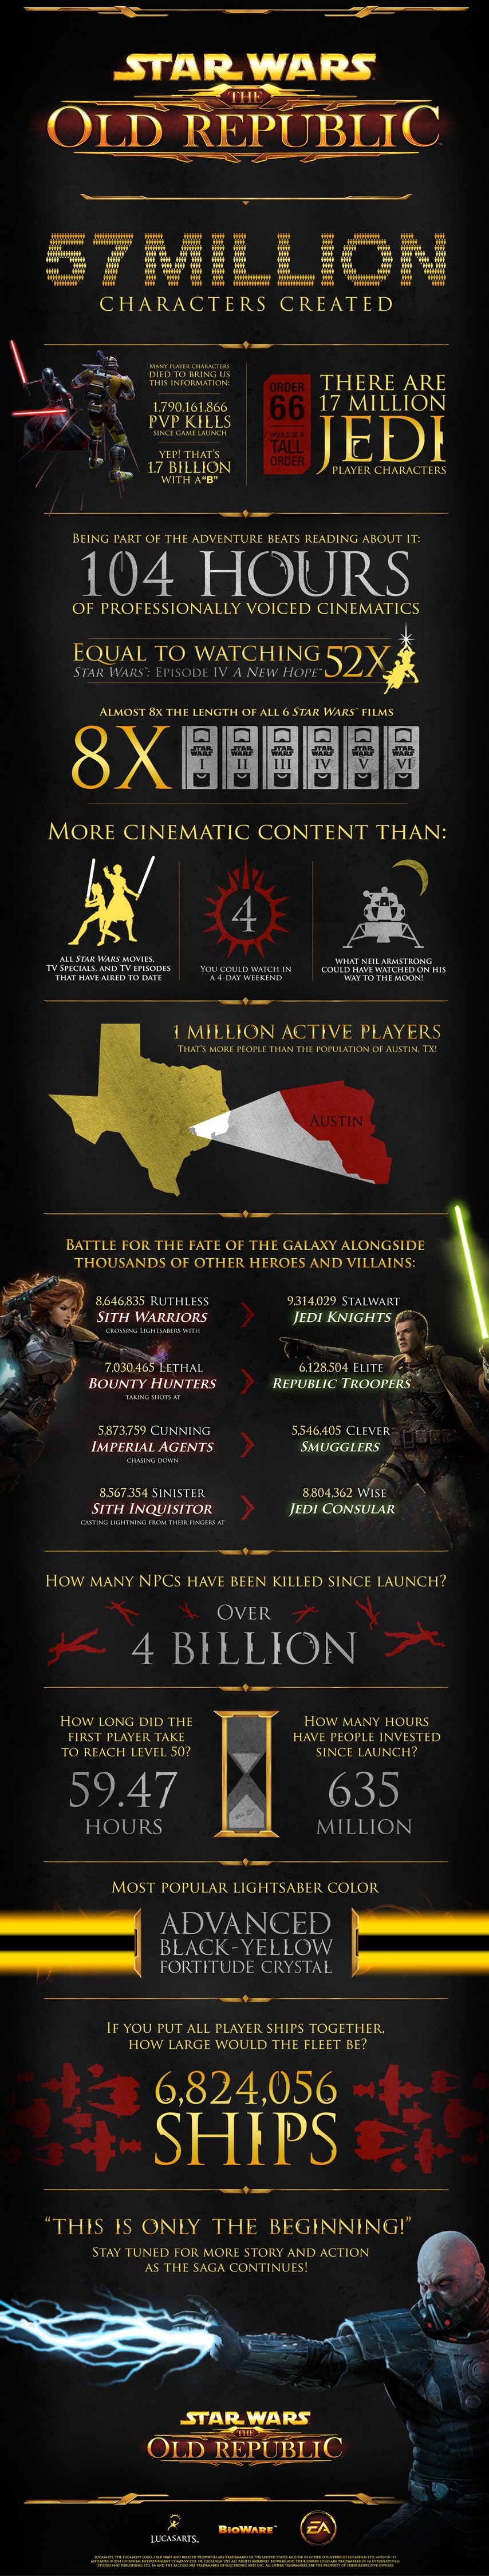 В Star Wars: The Old Republic поселилось 57 млн персонажей - Изображение 2